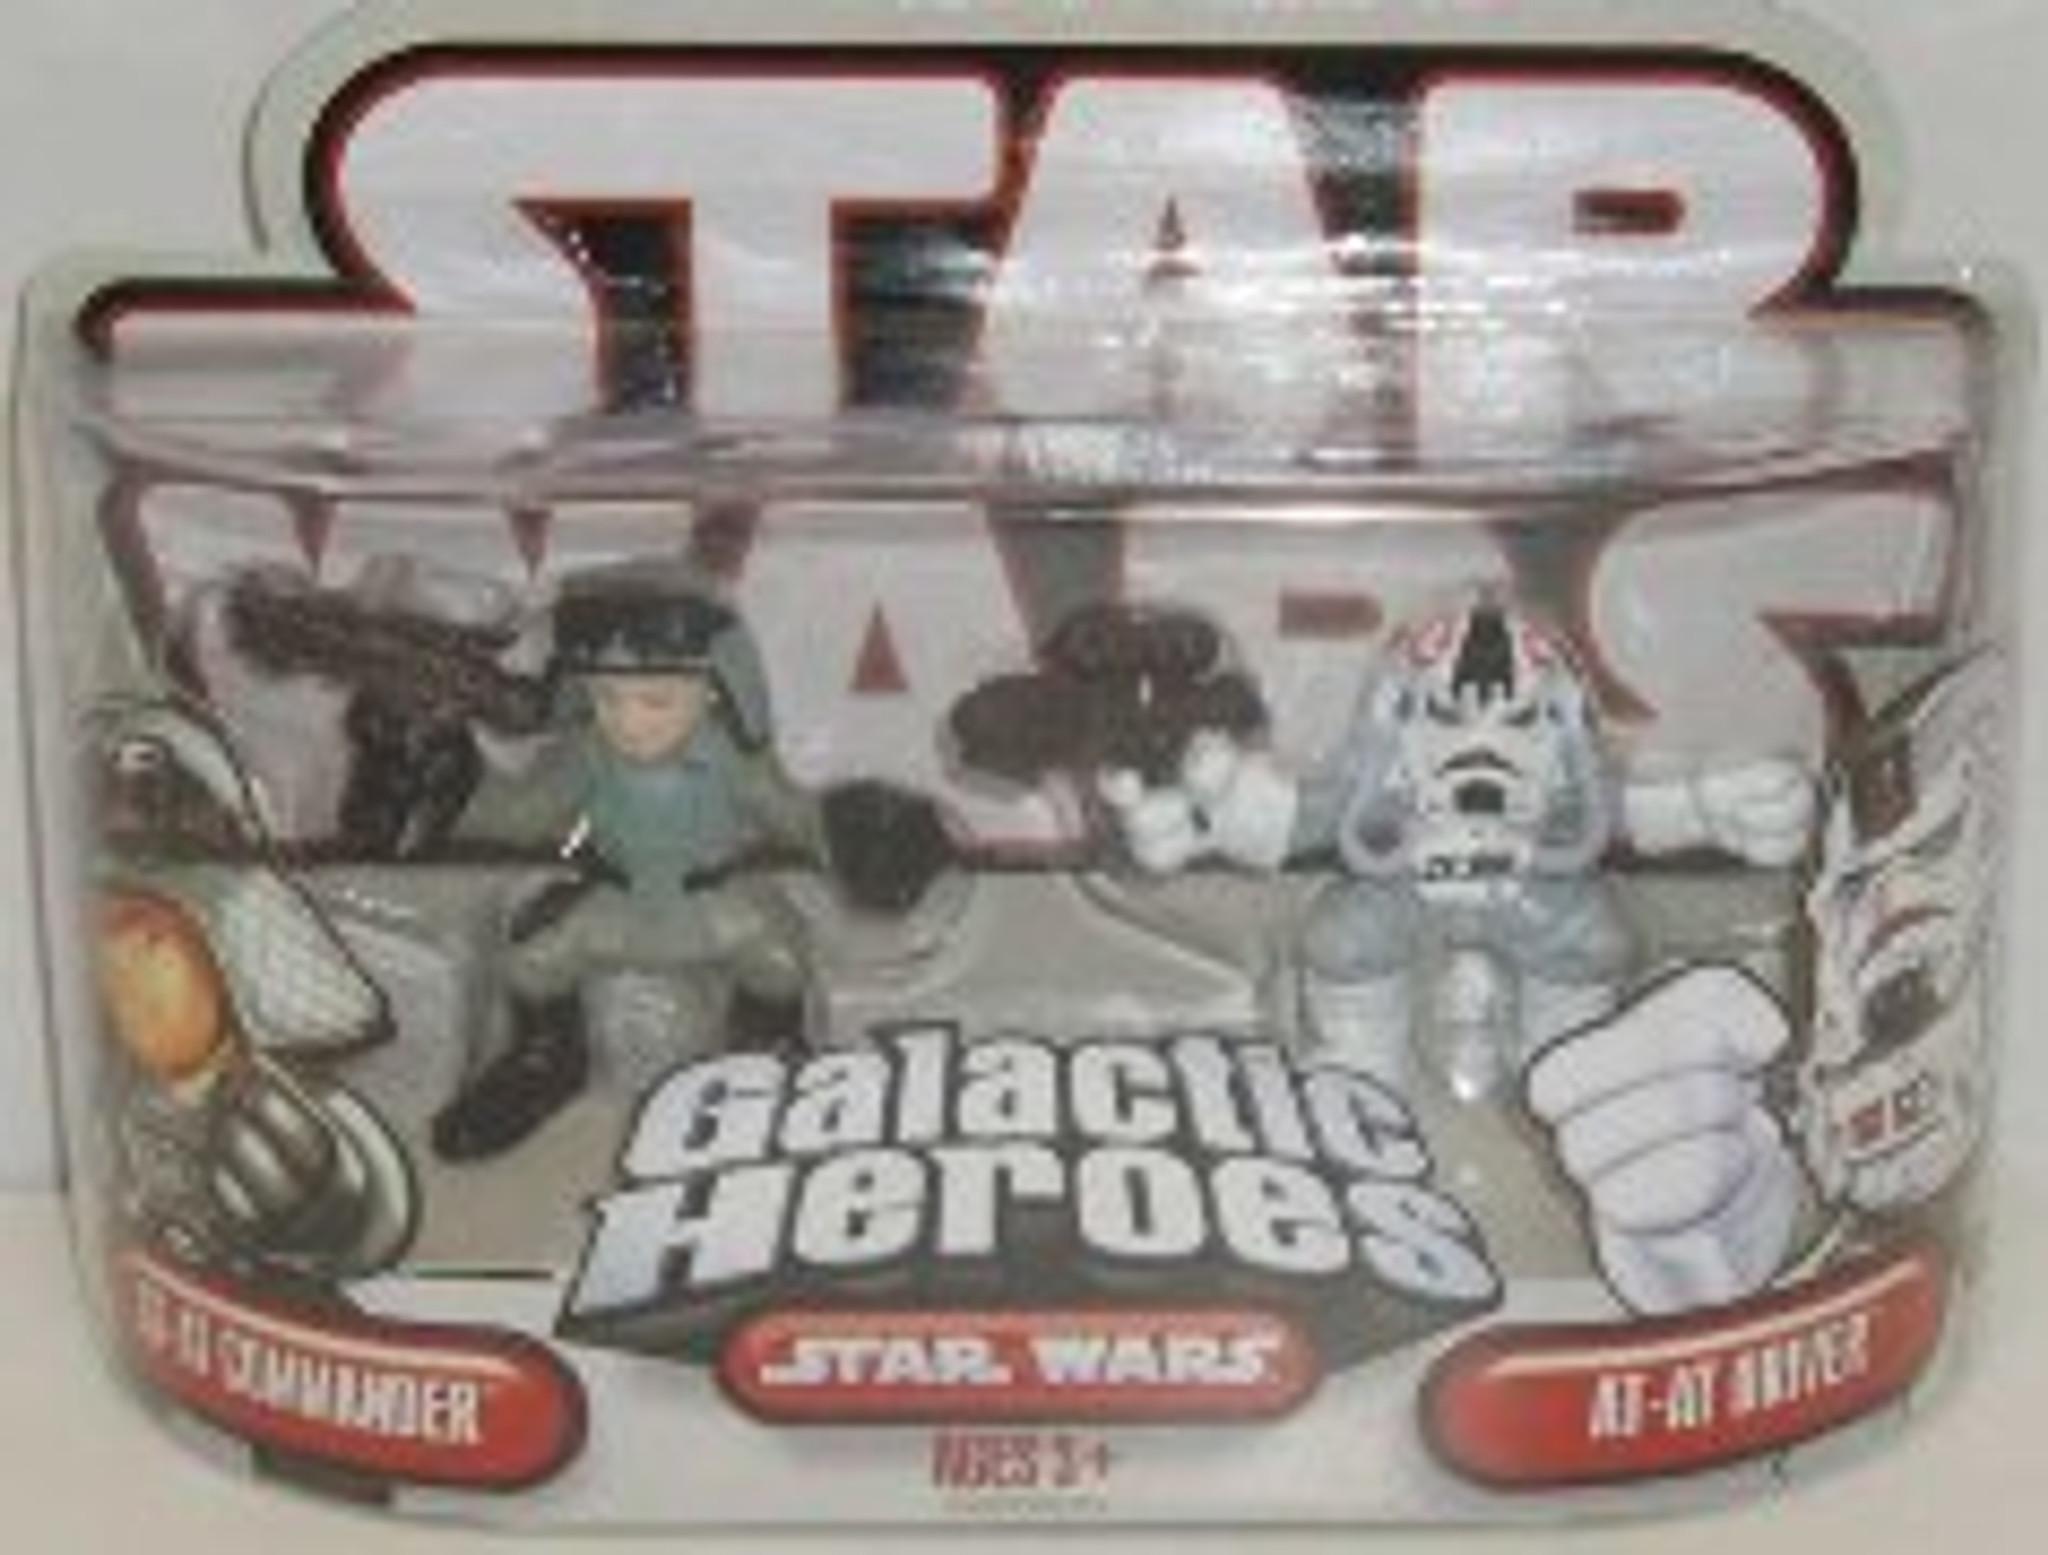 STAR WARS GALACTIC HEROES AT-AT COMMANDER /& AT-AT DRIVER